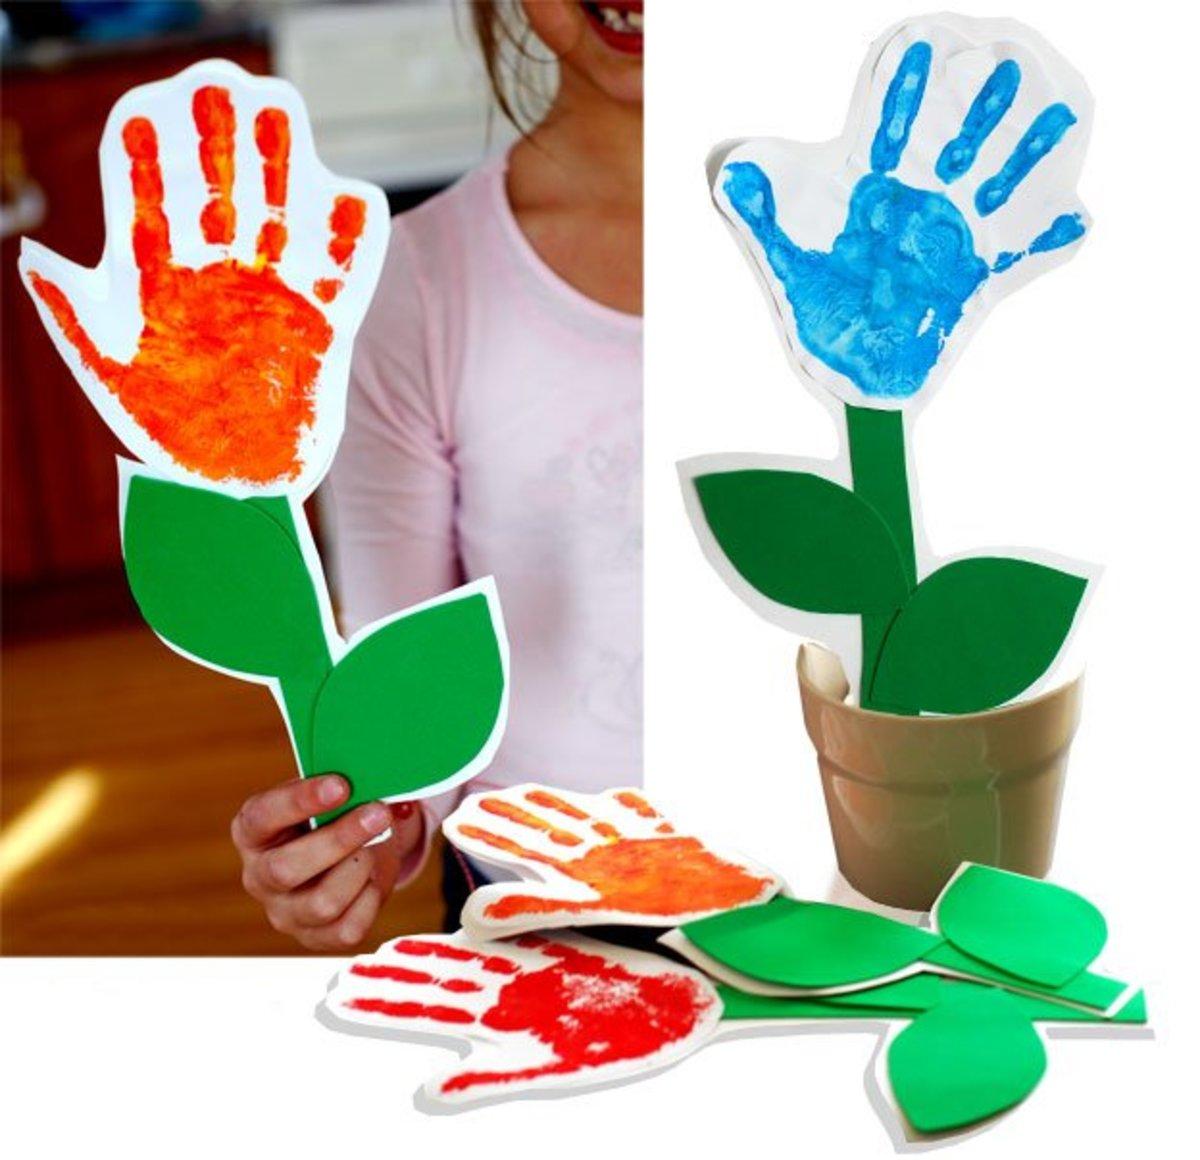 DIY handprint flower card for Mom